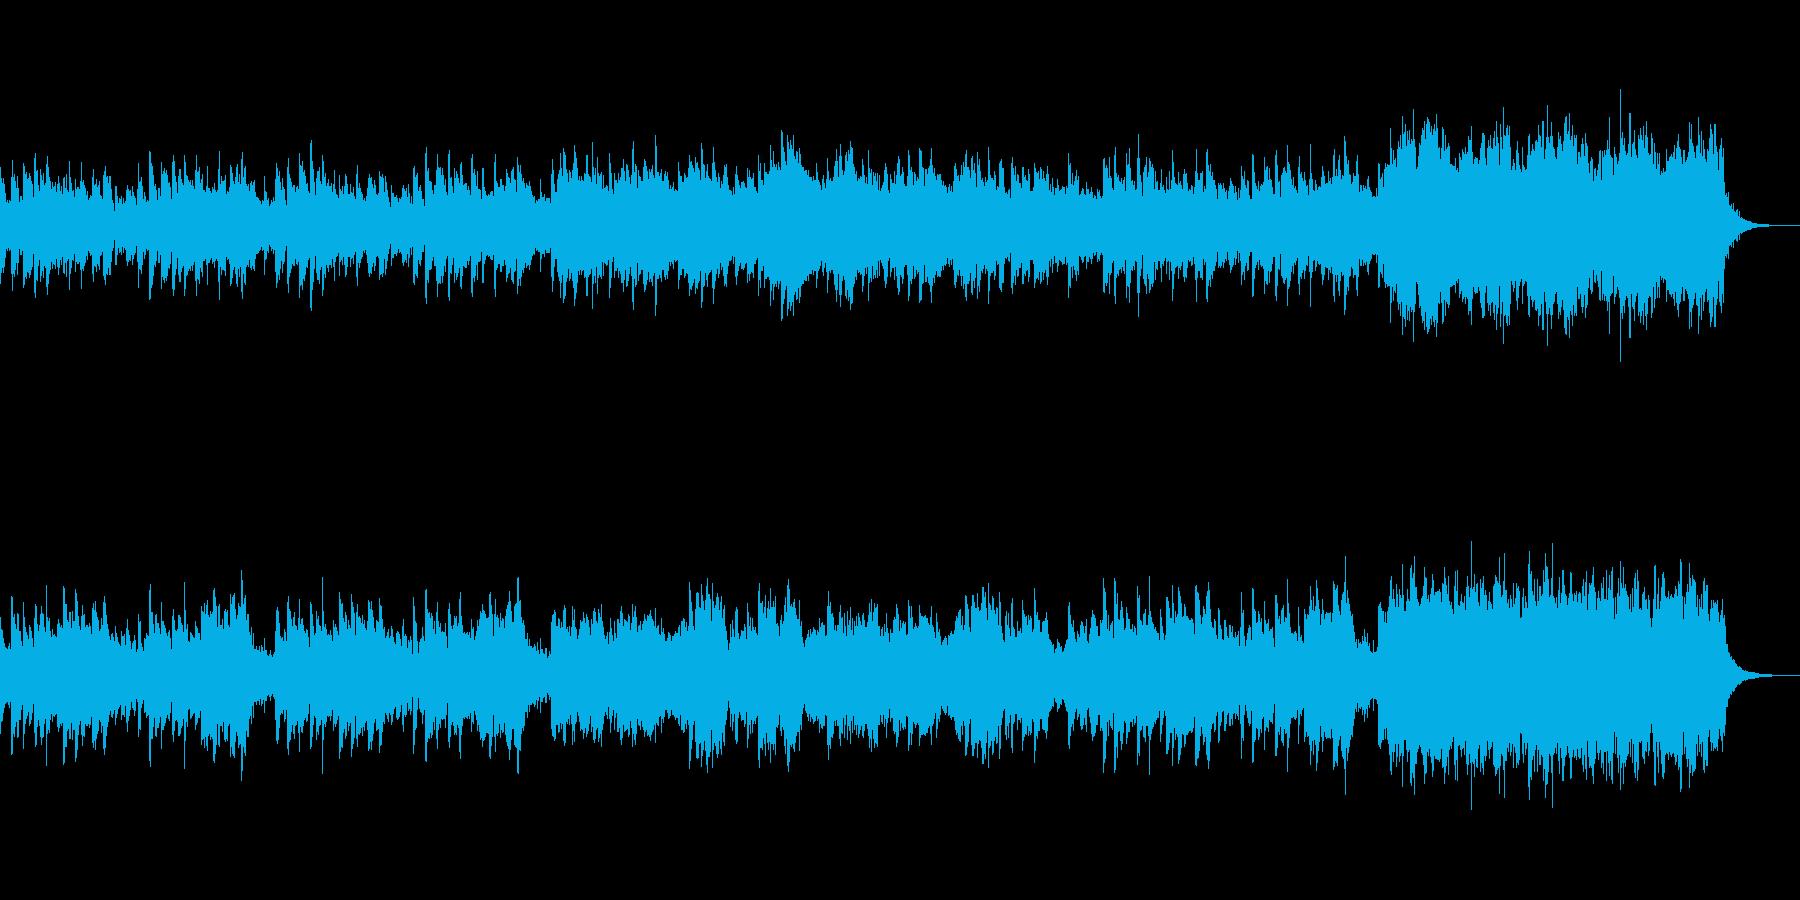 キラキラした音をたくさん使った星の幻想曲の再生済みの波形